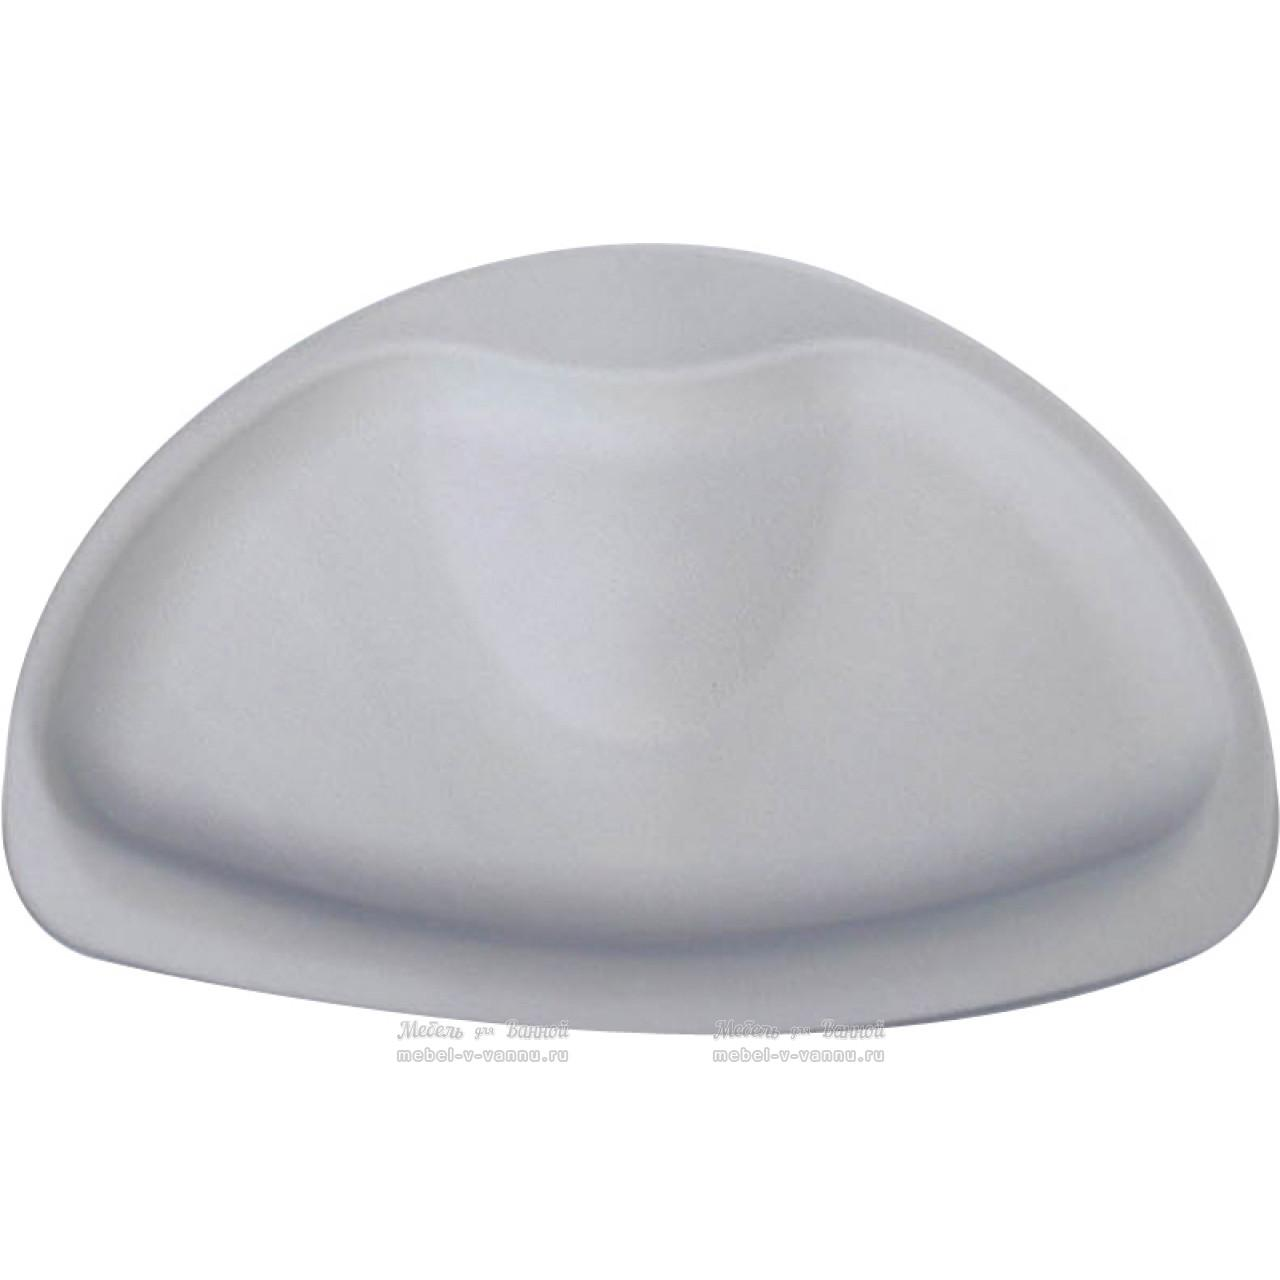 Подголовник для ванны Ridder Tecno+ А6800607 серый 20*30 купить в Москве по цене от 1079р. в интернет-магазине mebel-v-vannu.ru